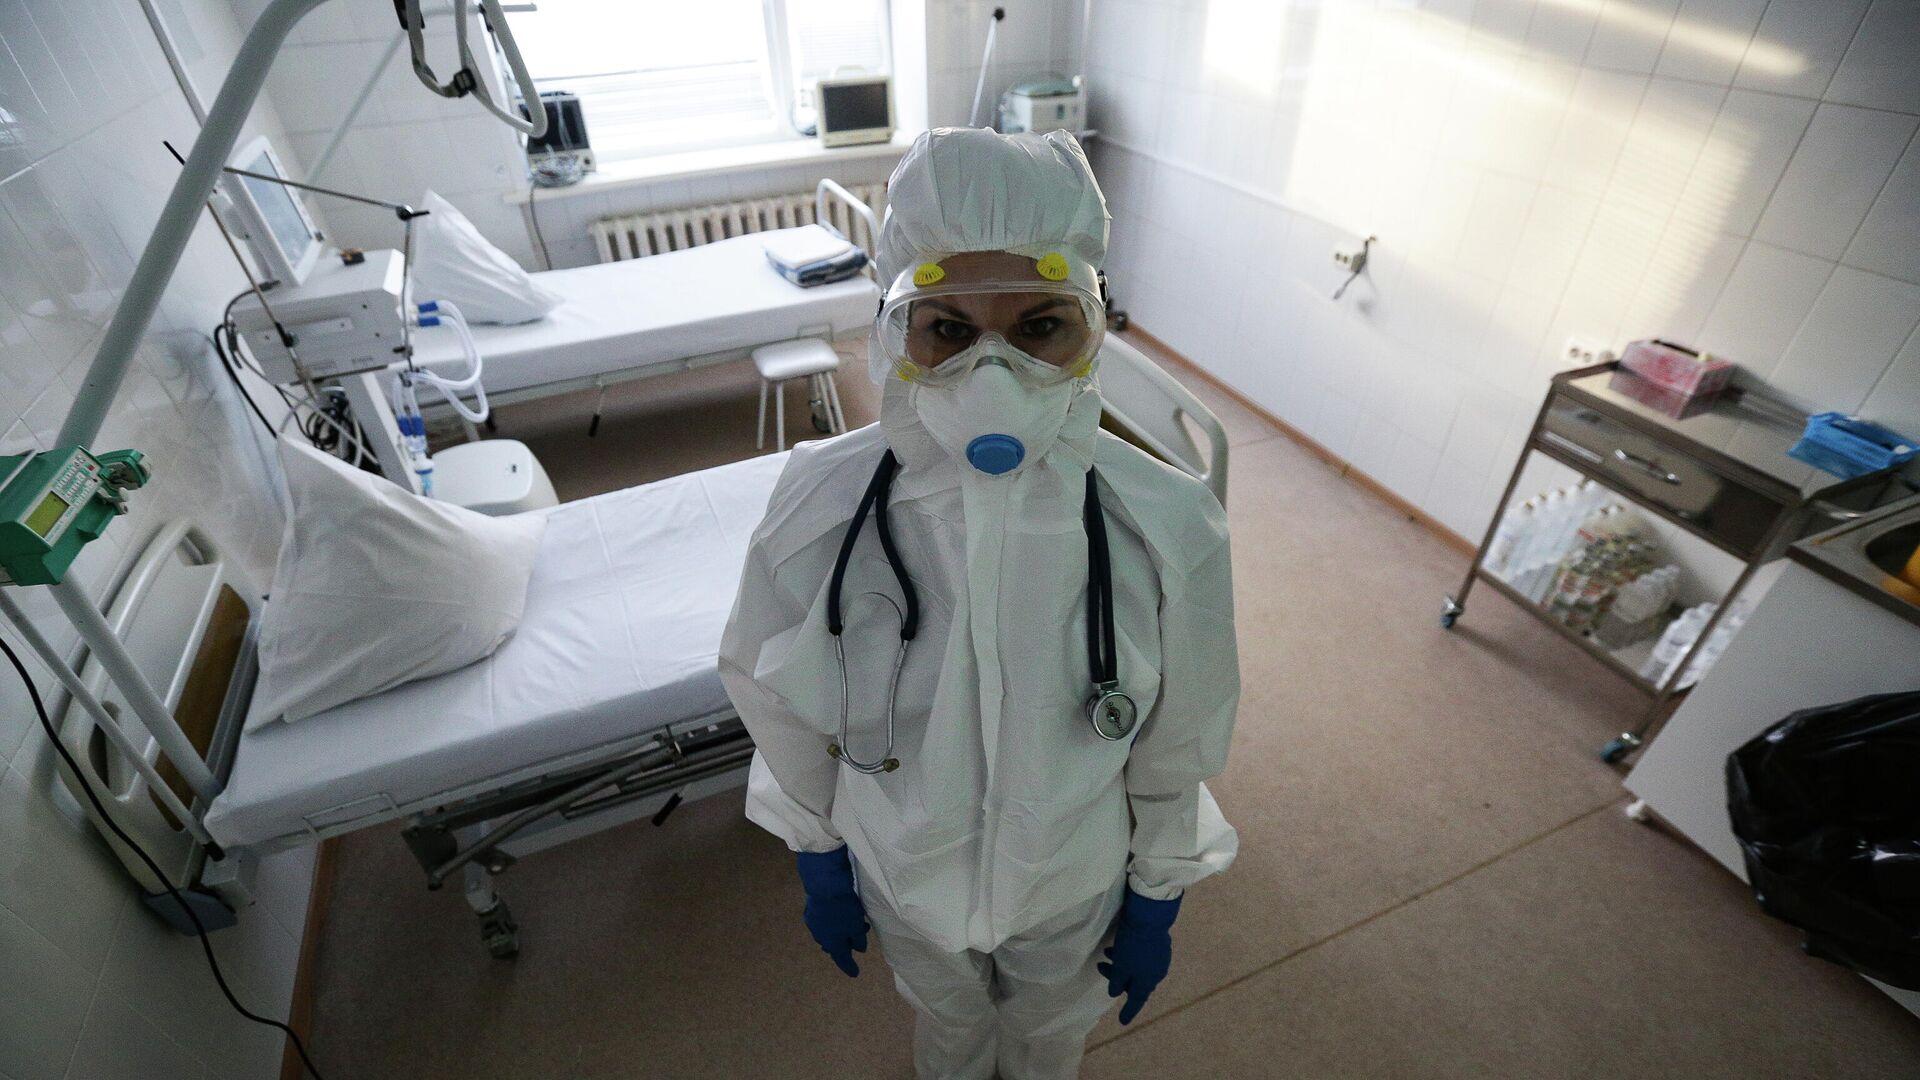 Работа врачей в красной зоне Новосибирской областной клинической больницы - РИА Новости, 1920, 02.02.2021